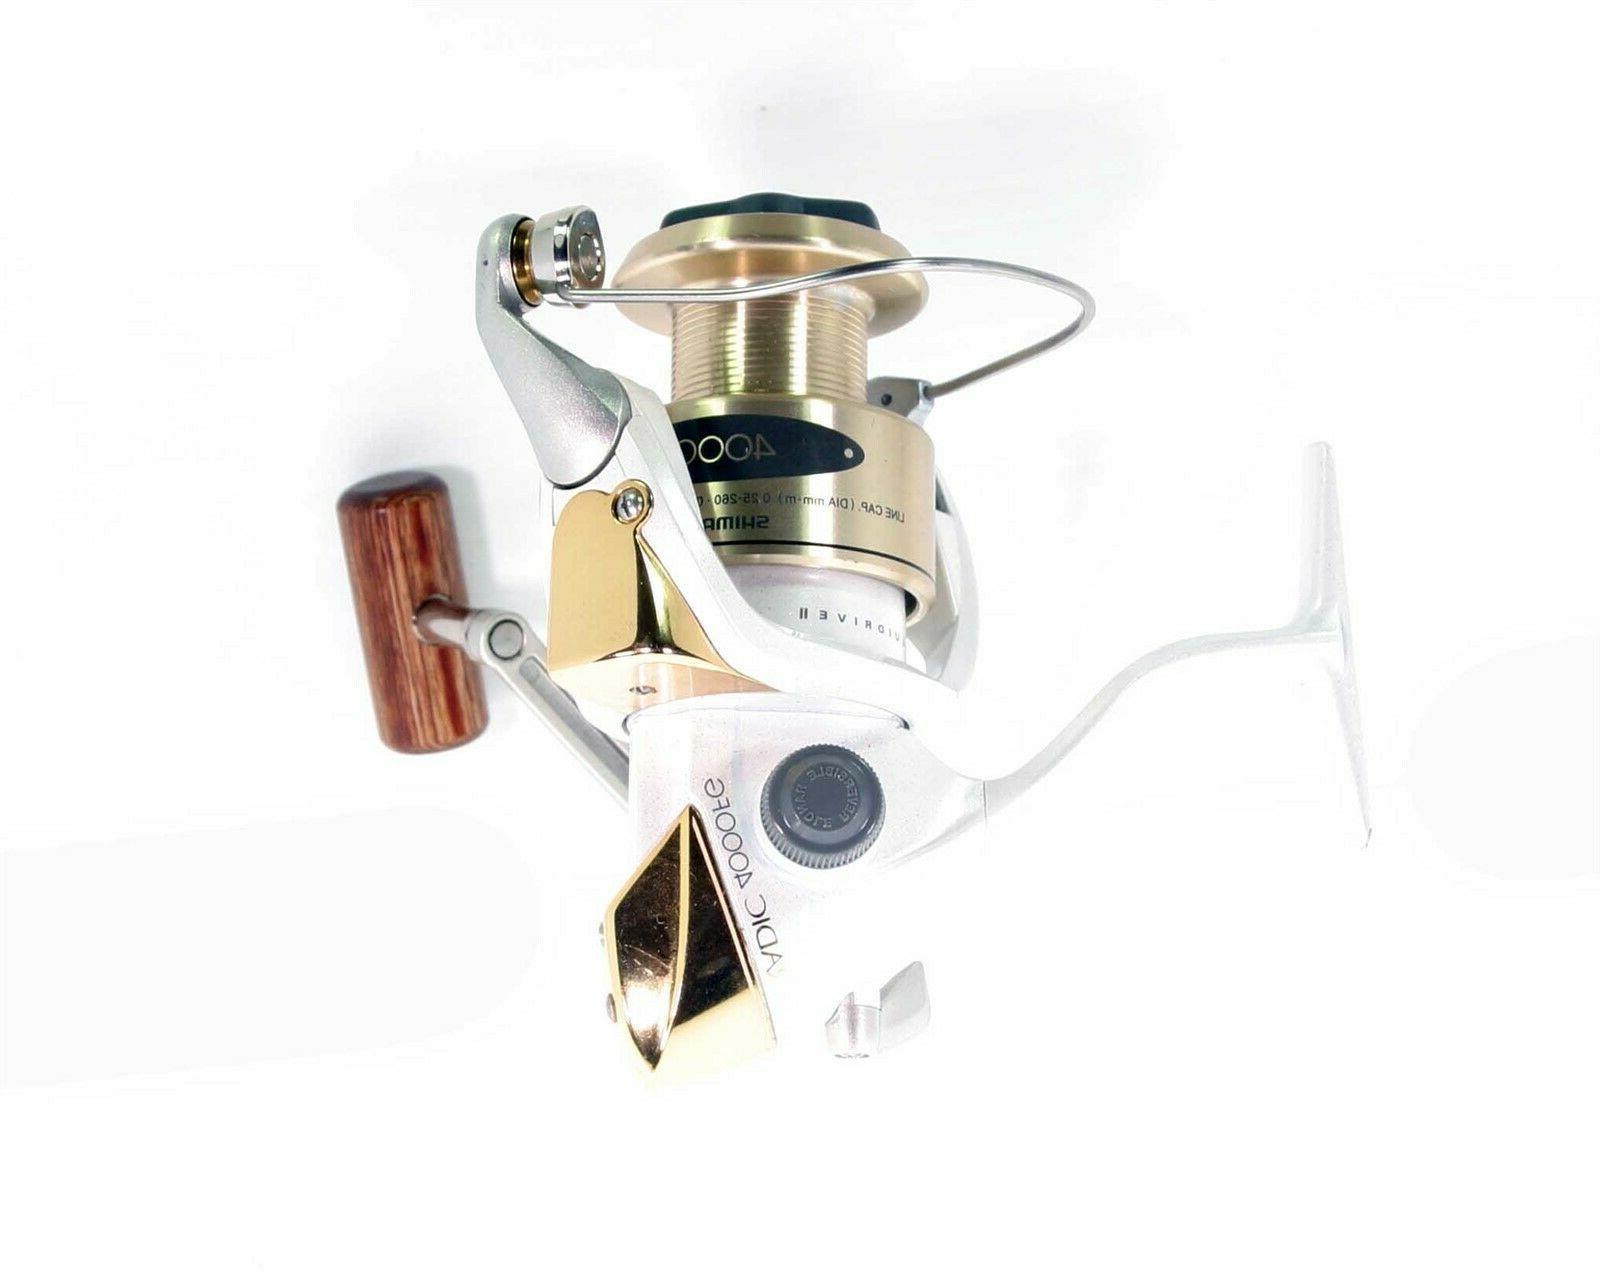 stradic 4000fg spinning fishing reel japan brand